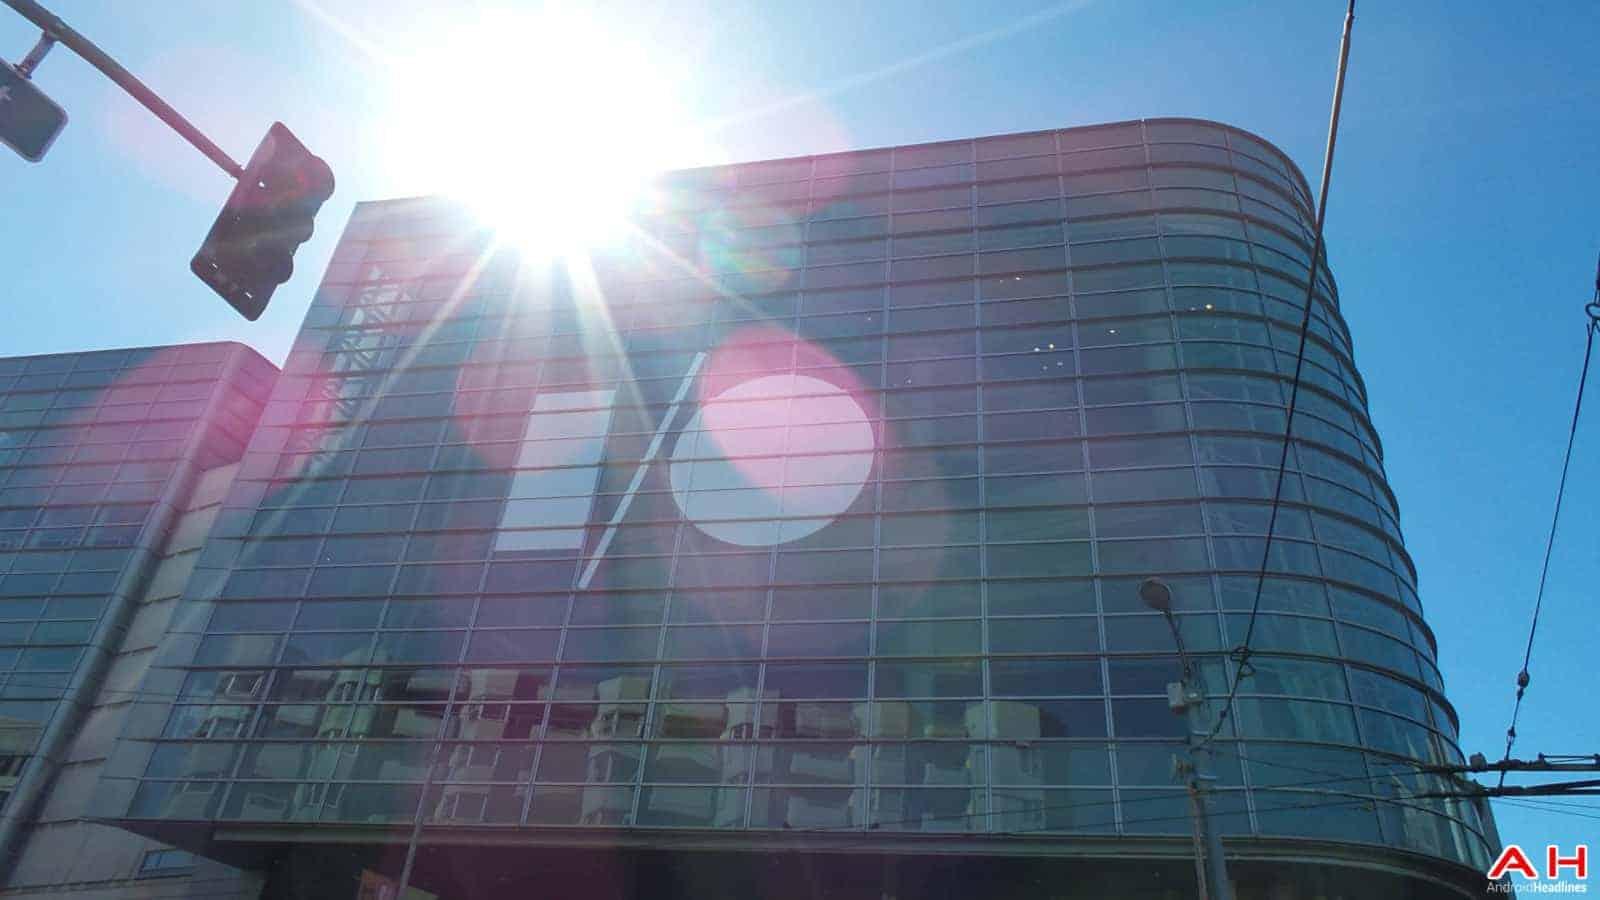 AH Google IO Building 2014 1.3